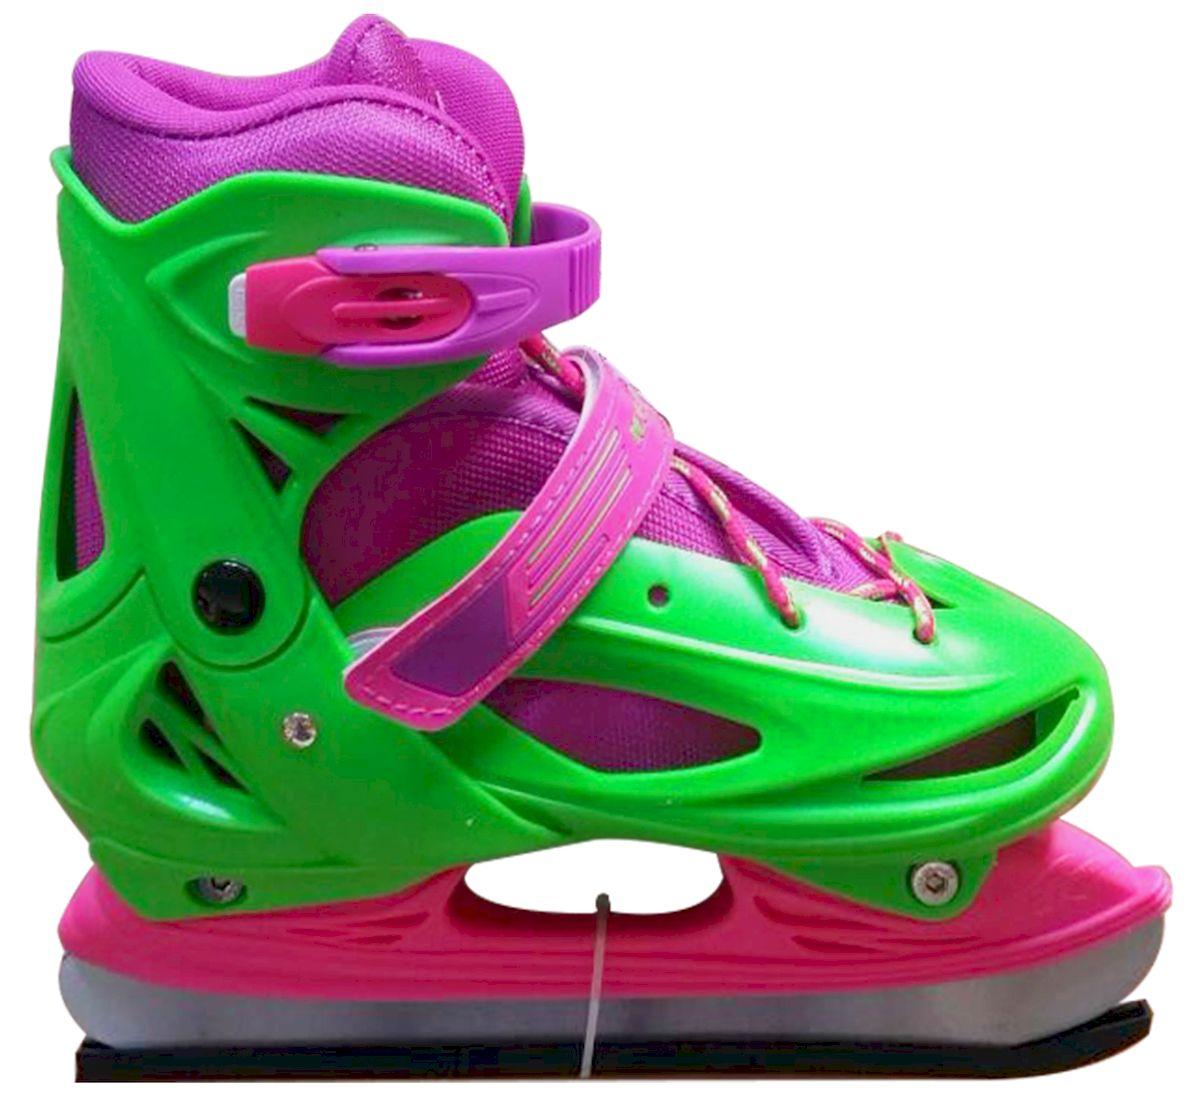 Коньки раздвижные Ice Blade Sophie, цвет: розовый, зеленый. УТ-00009126. Размер M (34/37)УТ-00009126Коньки раздвижные Sophie - это классические раздвижные коньки от известного бренда Ice Blade, которые предназначены для детей и подростков, а также для тех, кто делает первые шаги в катании на льду. Коньки имеют яркий молодежный дизайн, теплый внутренний сапожок, удобная трехуровневая система фиксации ноги, легкая смена размера, надежная защита пятки и носка - все это бесспорные преимущества модели. Коньки поставляются с заводской заточкой лезвия, что позволяет сразу приступить к катанию и не тратить денег на заточку. Предназначены для использования на открытом и закрытом льду. Характеристики: Тип фиксации: клипса с фиксатором, липучка, шнурки Материал ботинка: морозостойкий пластик Внутренняя отделка: теплый текстильный материал Лезвие: выполнено из высокоуглеродистой стали с покрытием из никеля Упаковка: удобная сумка Дополнительно: гарантия 1 год